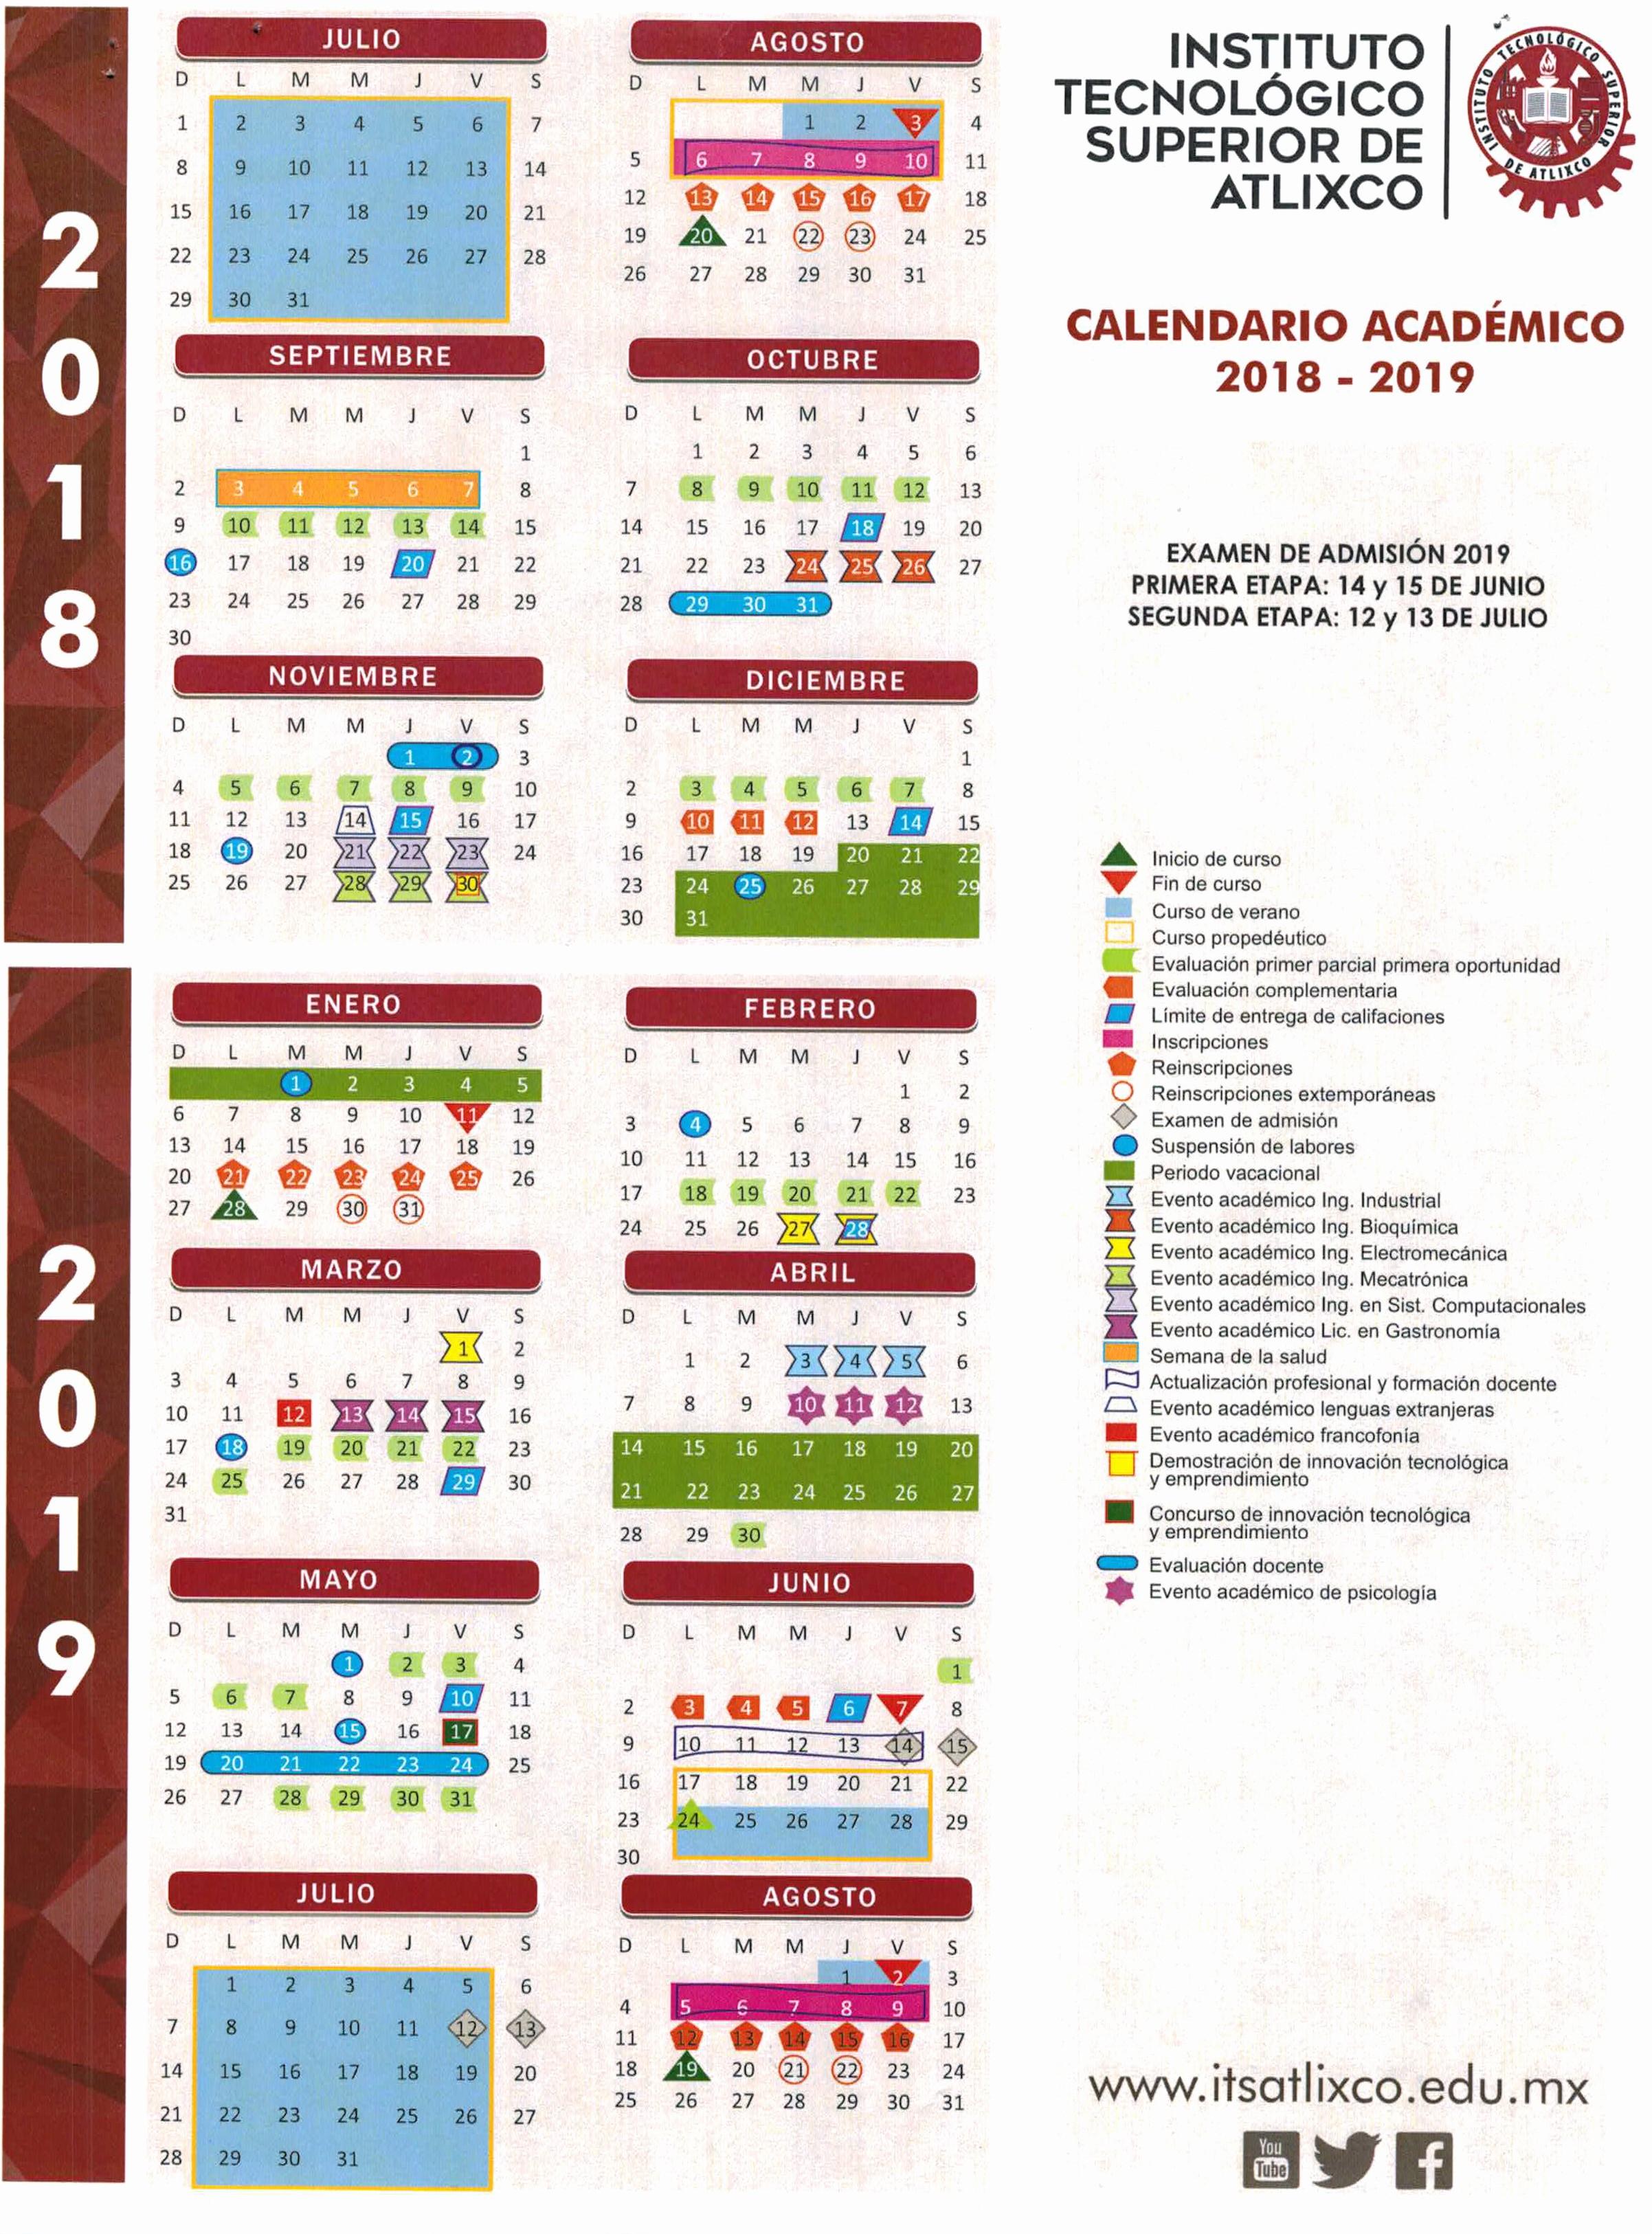 Calendario Escolar 2019 Bachillerato Más Populares Beautiful 33 Ejemplos Runedia Calendario De Carreras 2019 Of Calendario Escolar 2019 Bachillerato Más Recientemente Liberado Ceip Ciudad De Nejapa Página Web De Ceipciudaddenejapa